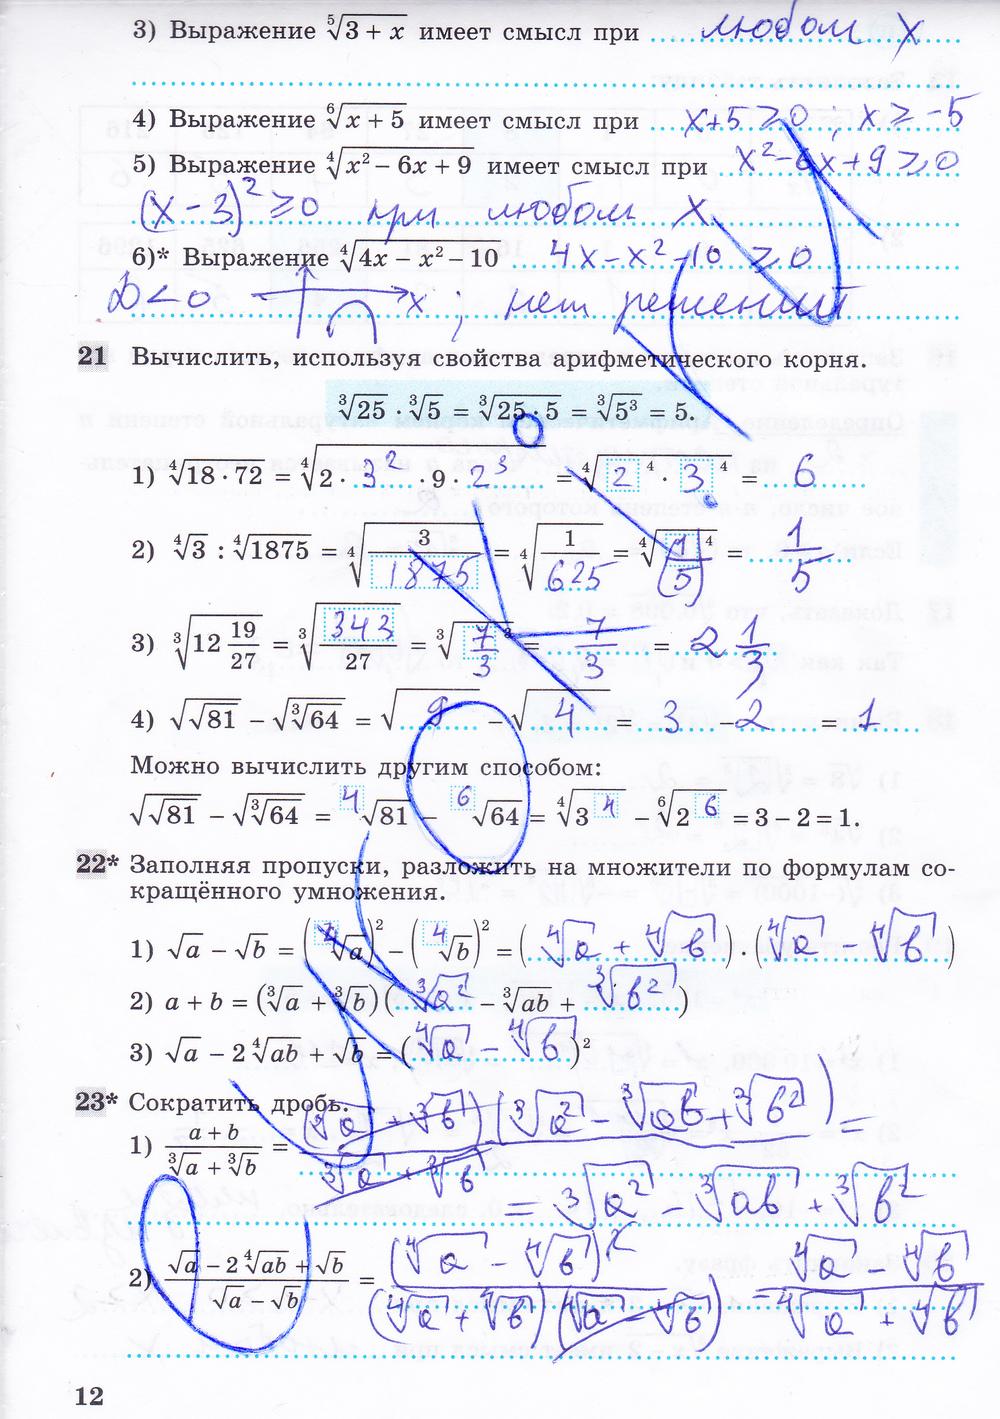 по колягин класс 9 федорова алгебре гдз